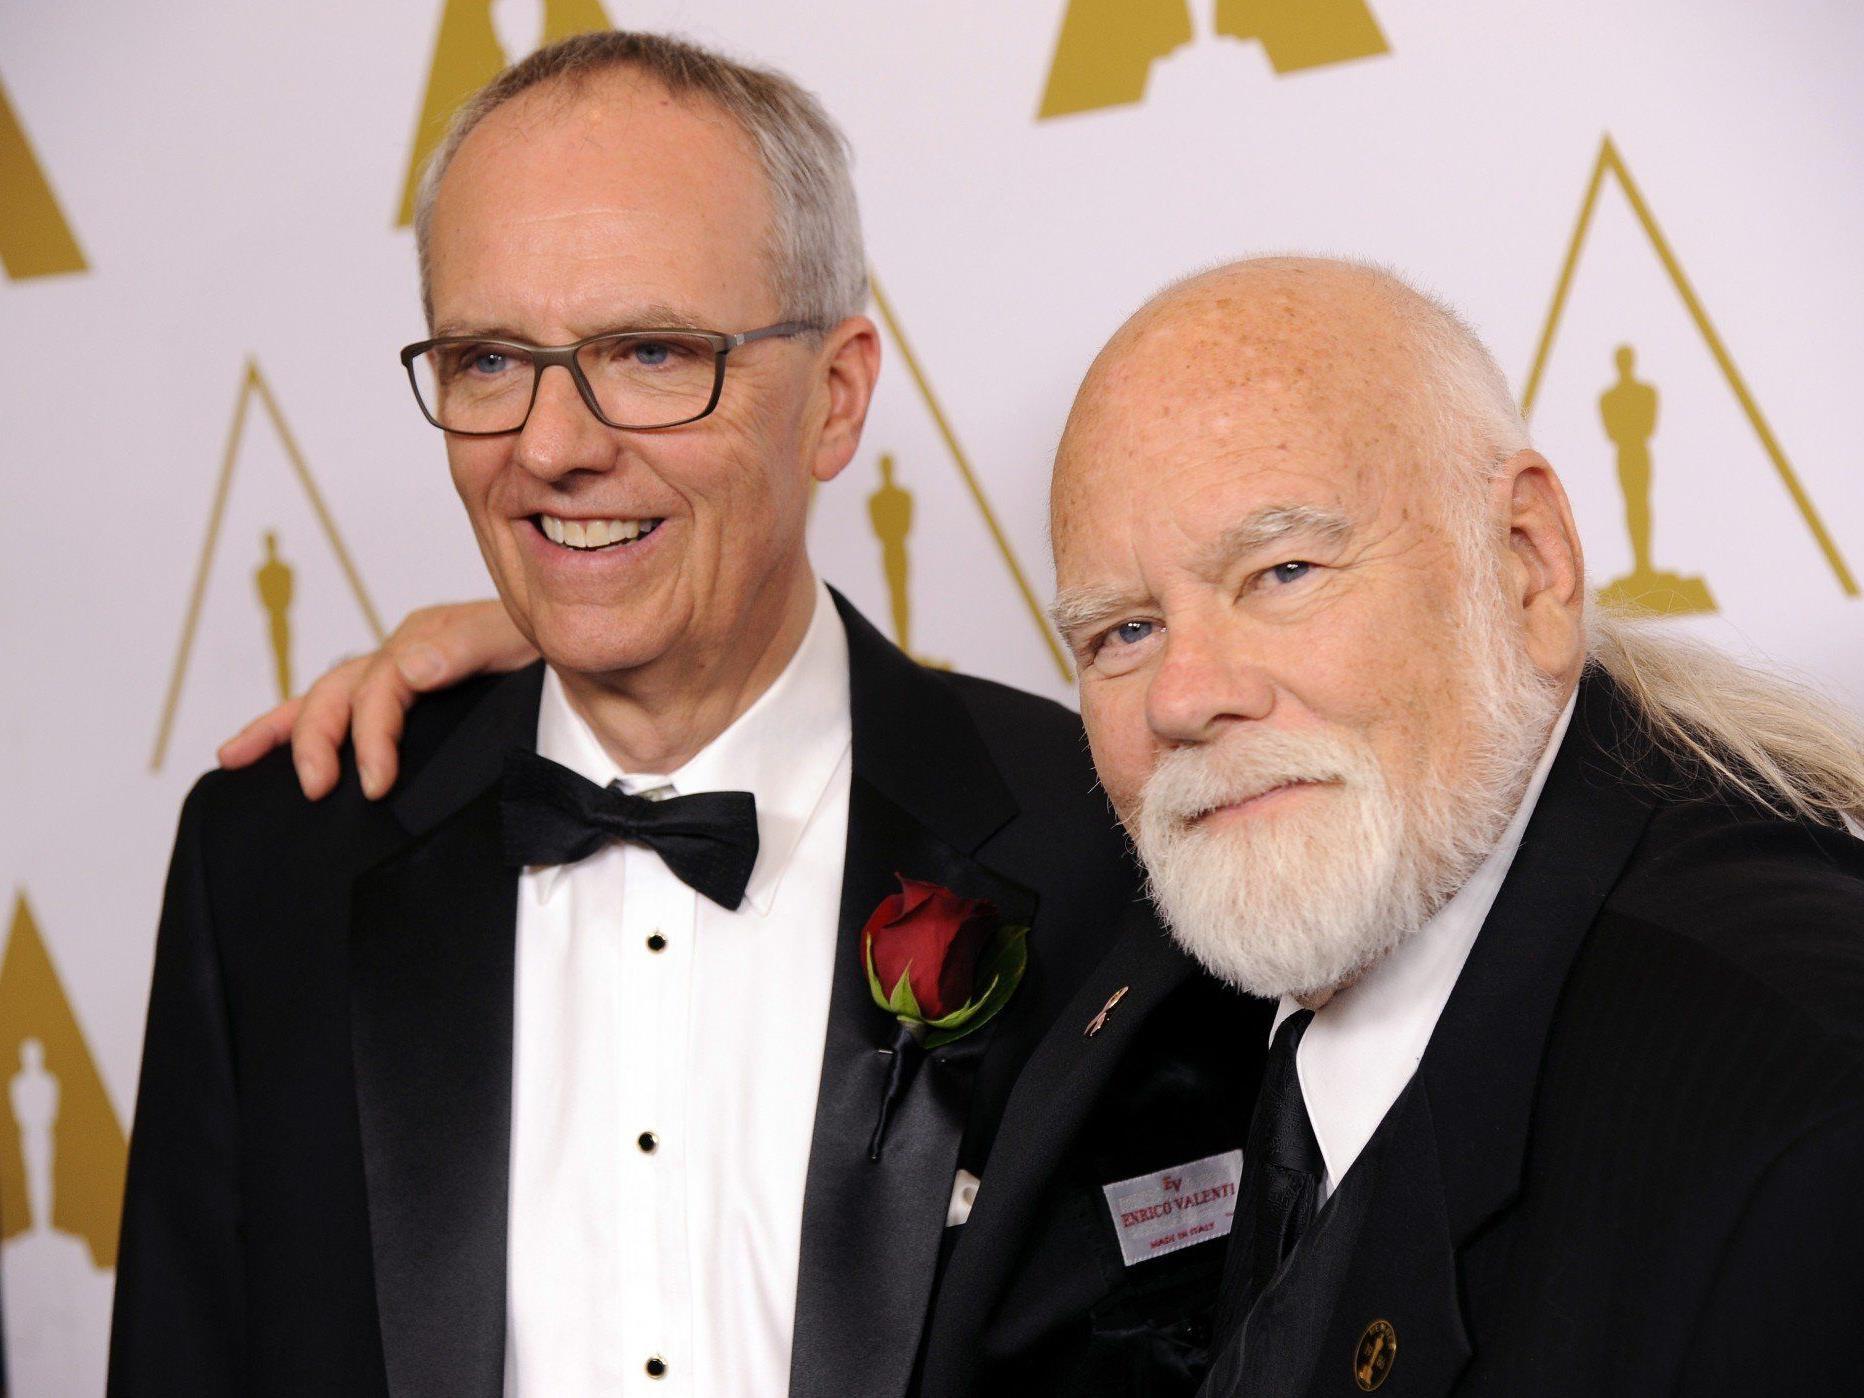 Peter Anderson (rechts) bei der Verleihung der Technik-Oscars.